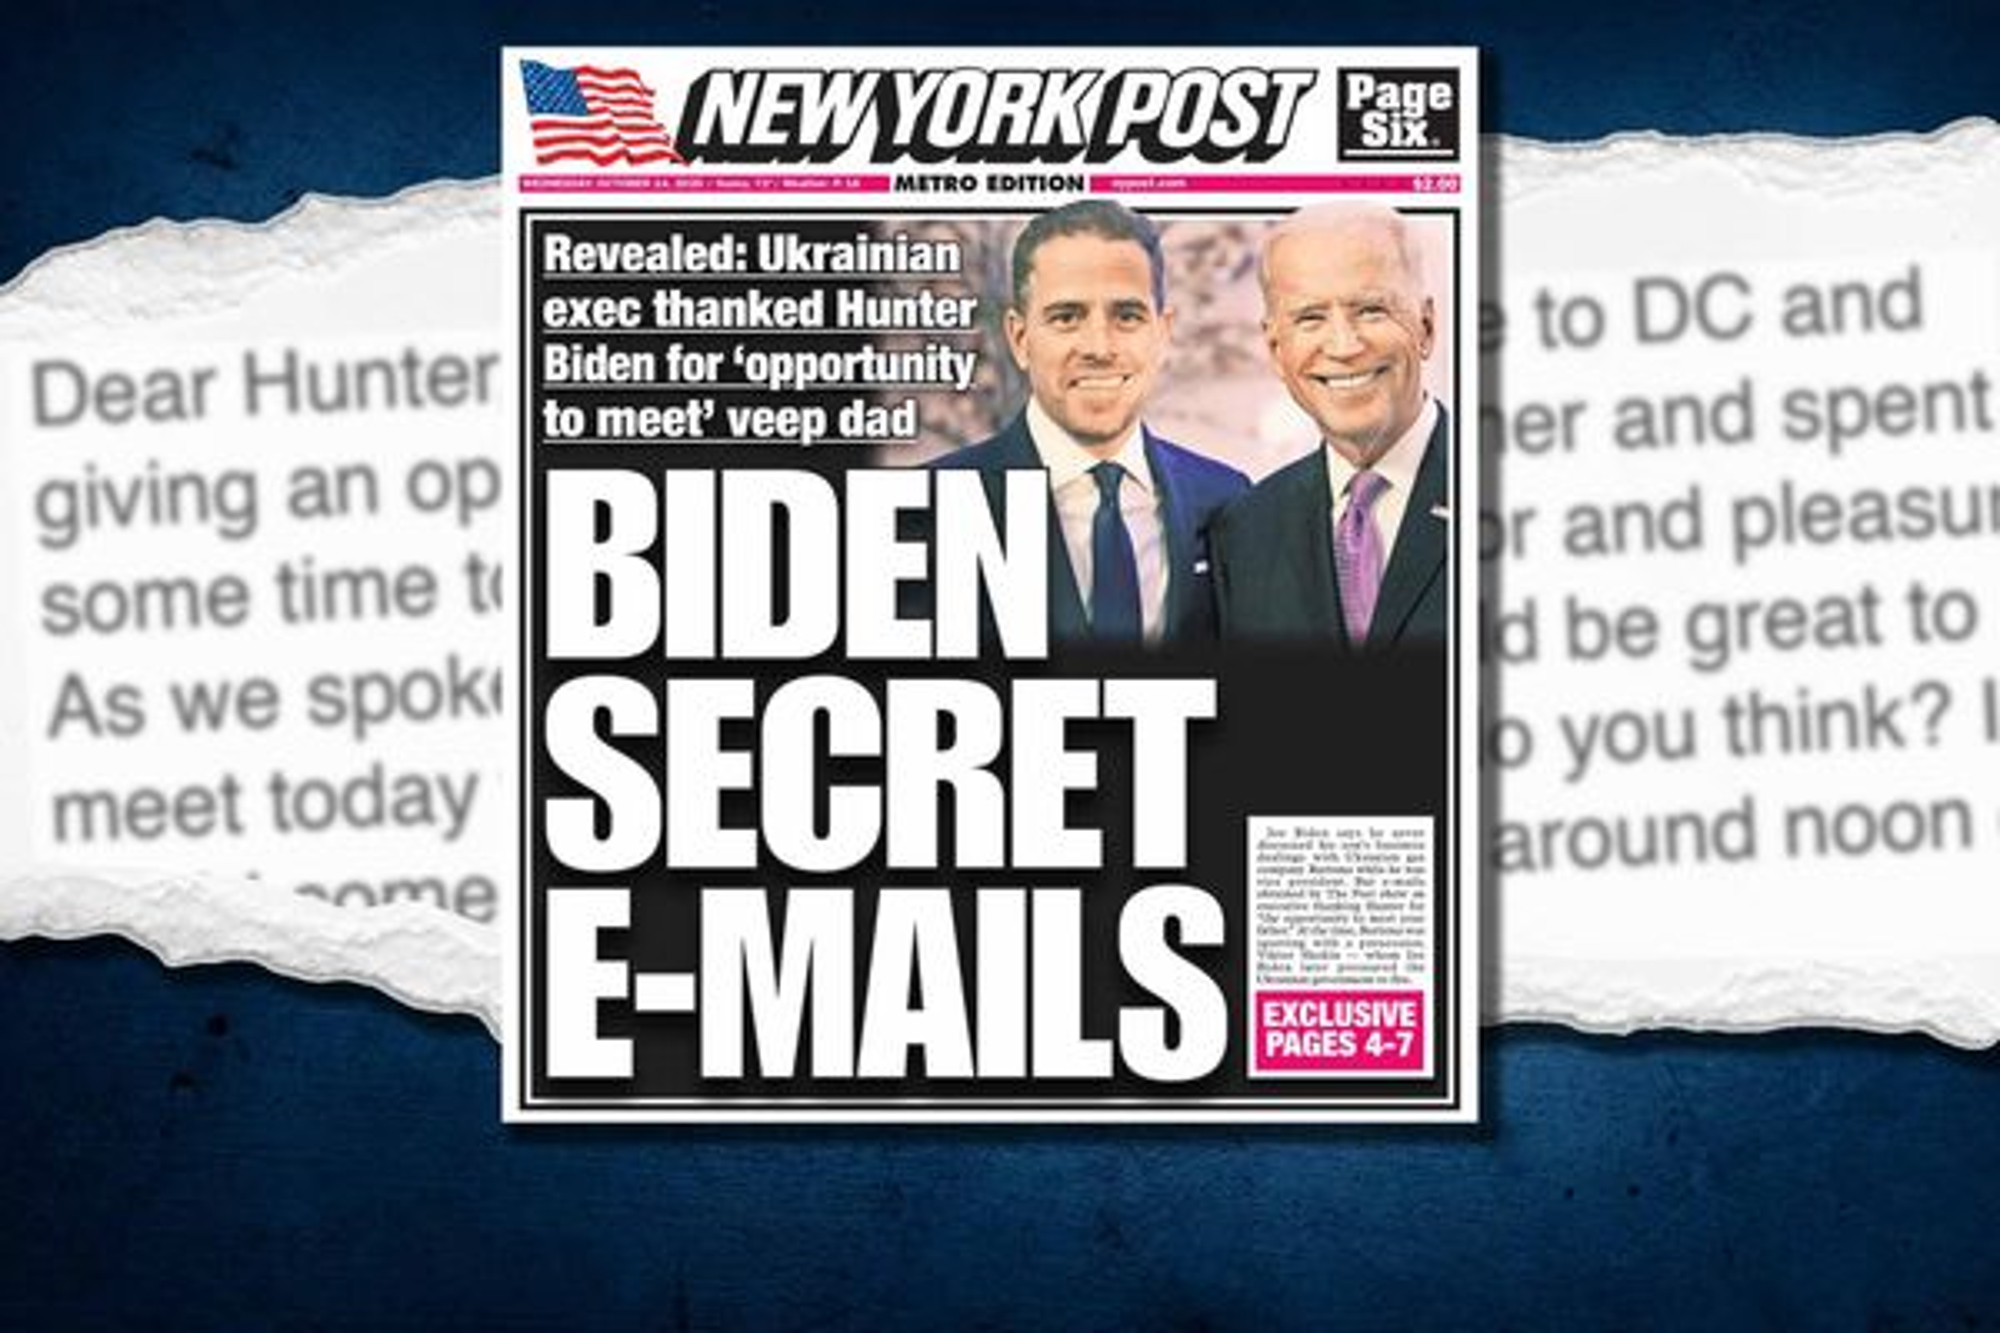 Email chấn động tiết lộ Hunter Biden từng giới thiệu doanh nhân Ukraine với Binden cha